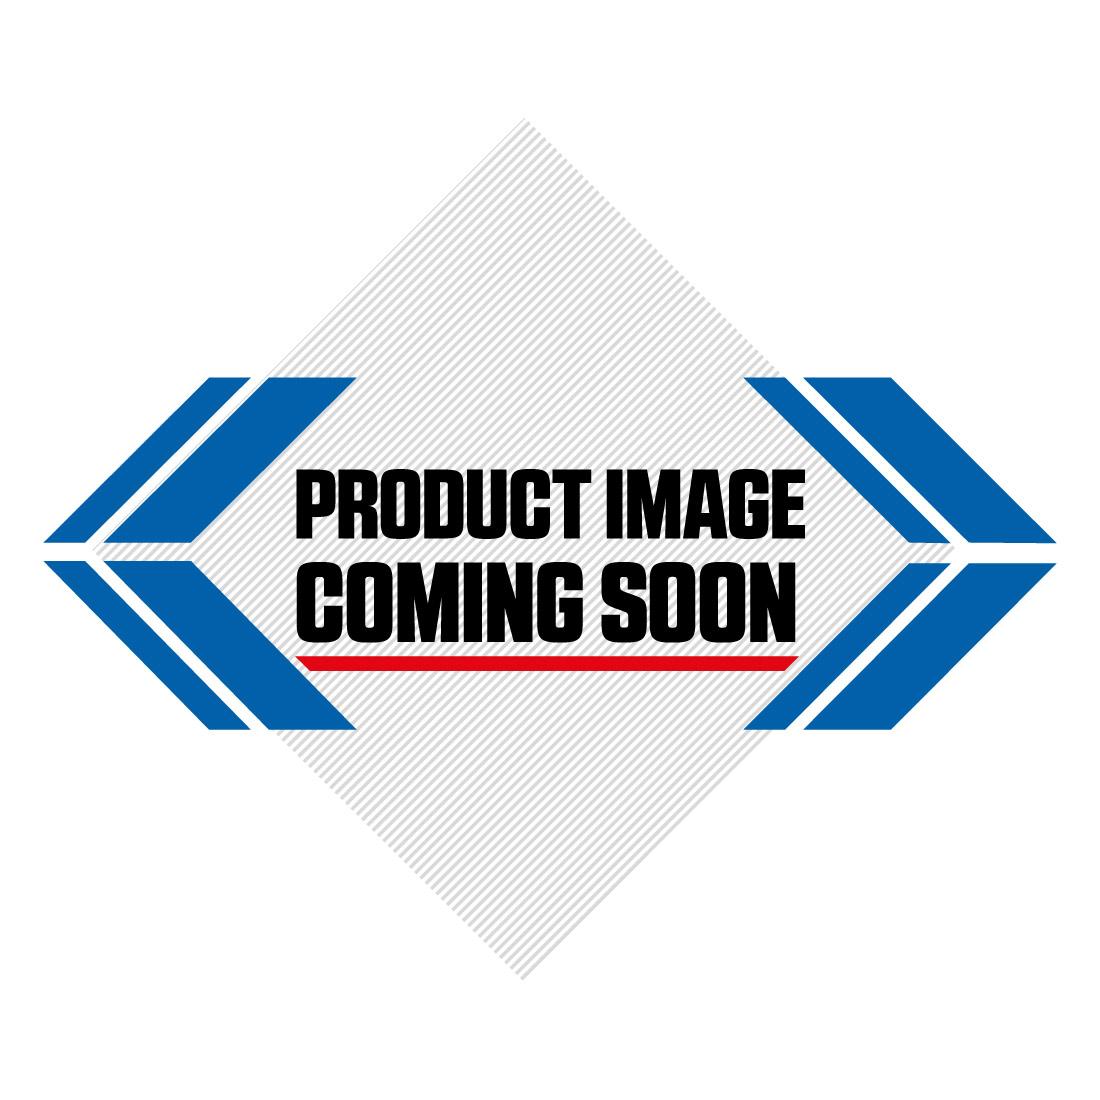 UFO Honda Plastic Kit CRF 110F (19-21) OEM Factory Image-1